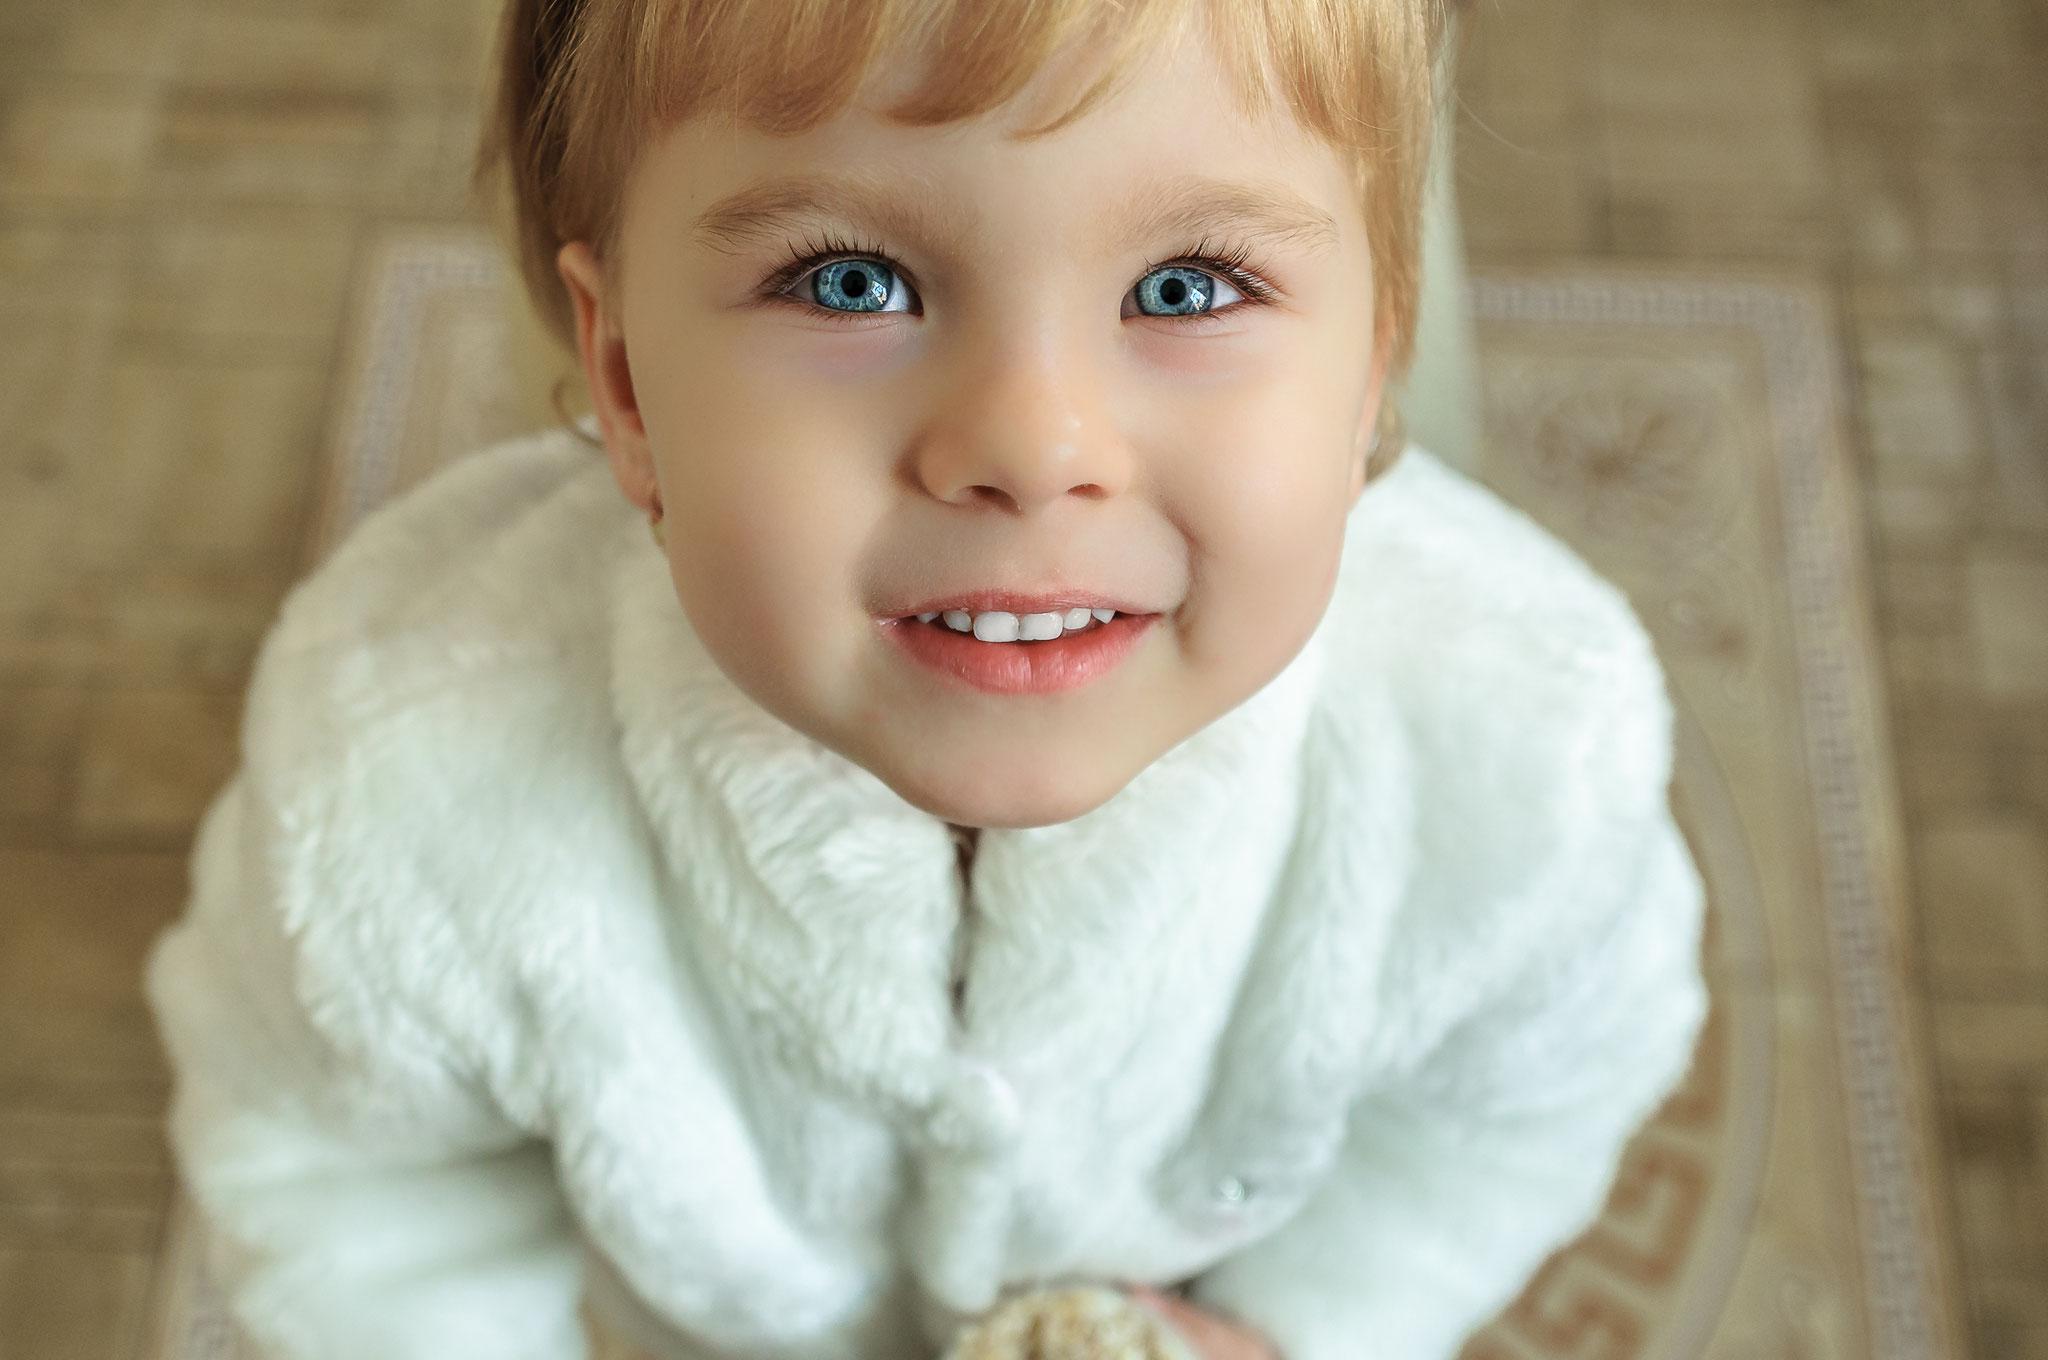 Kinderportrait eines neugierigen Mädchens